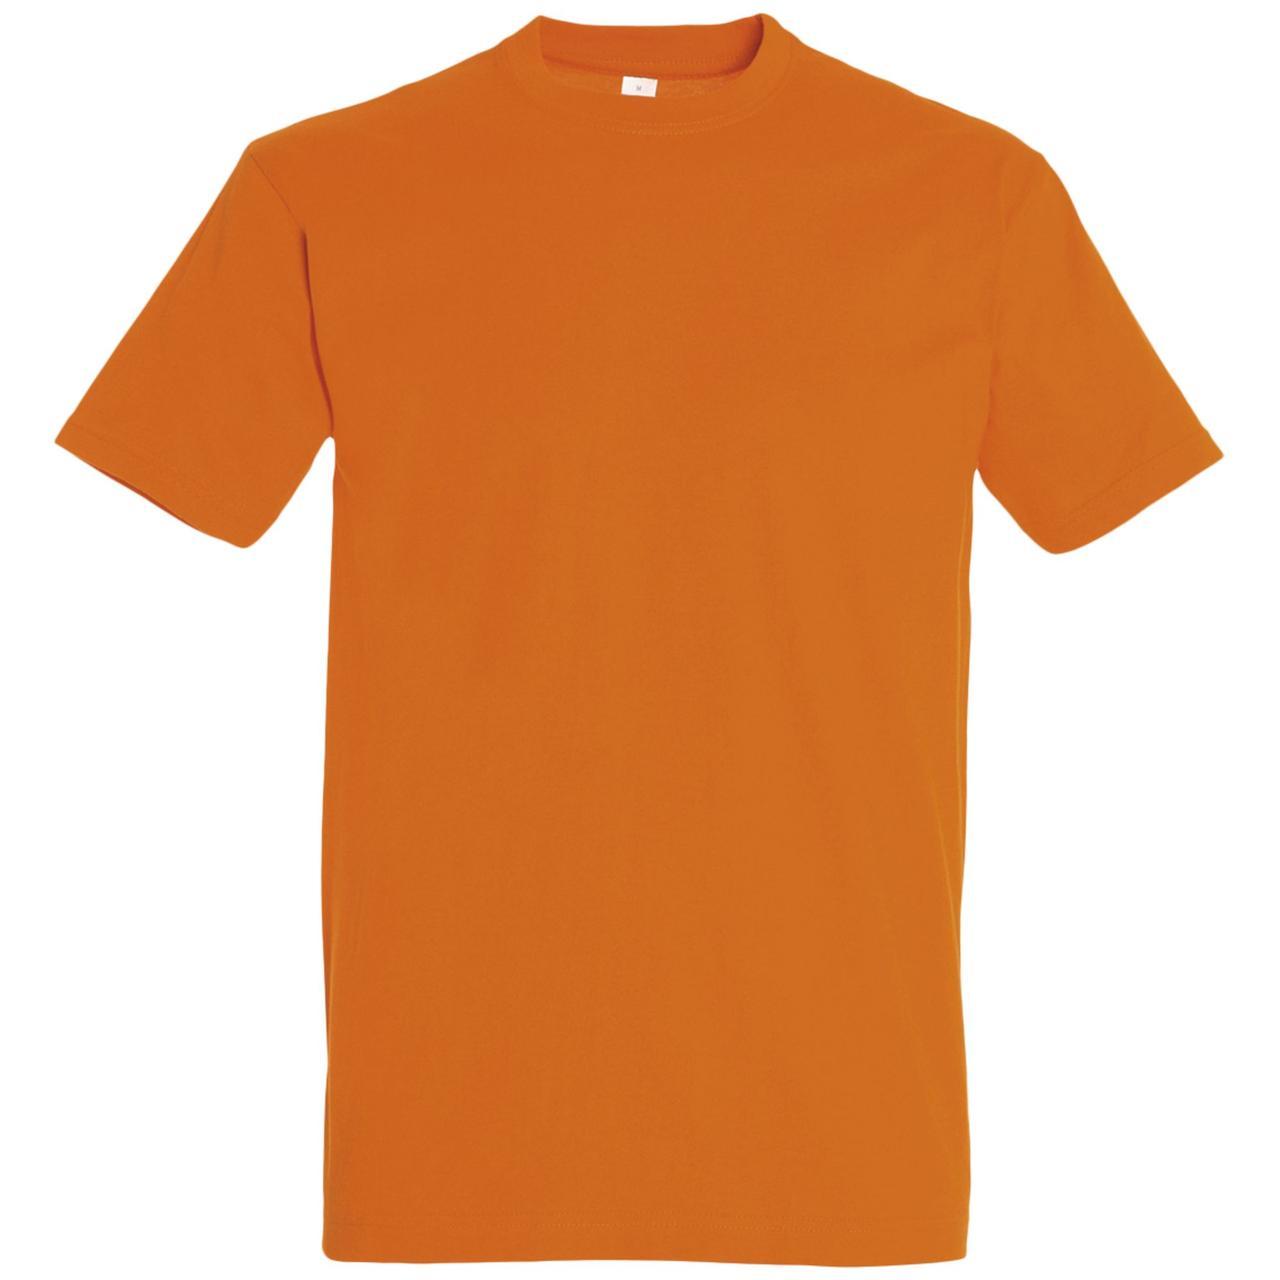 Oднотонная футболка   Оранжевая   160 гр.   XS